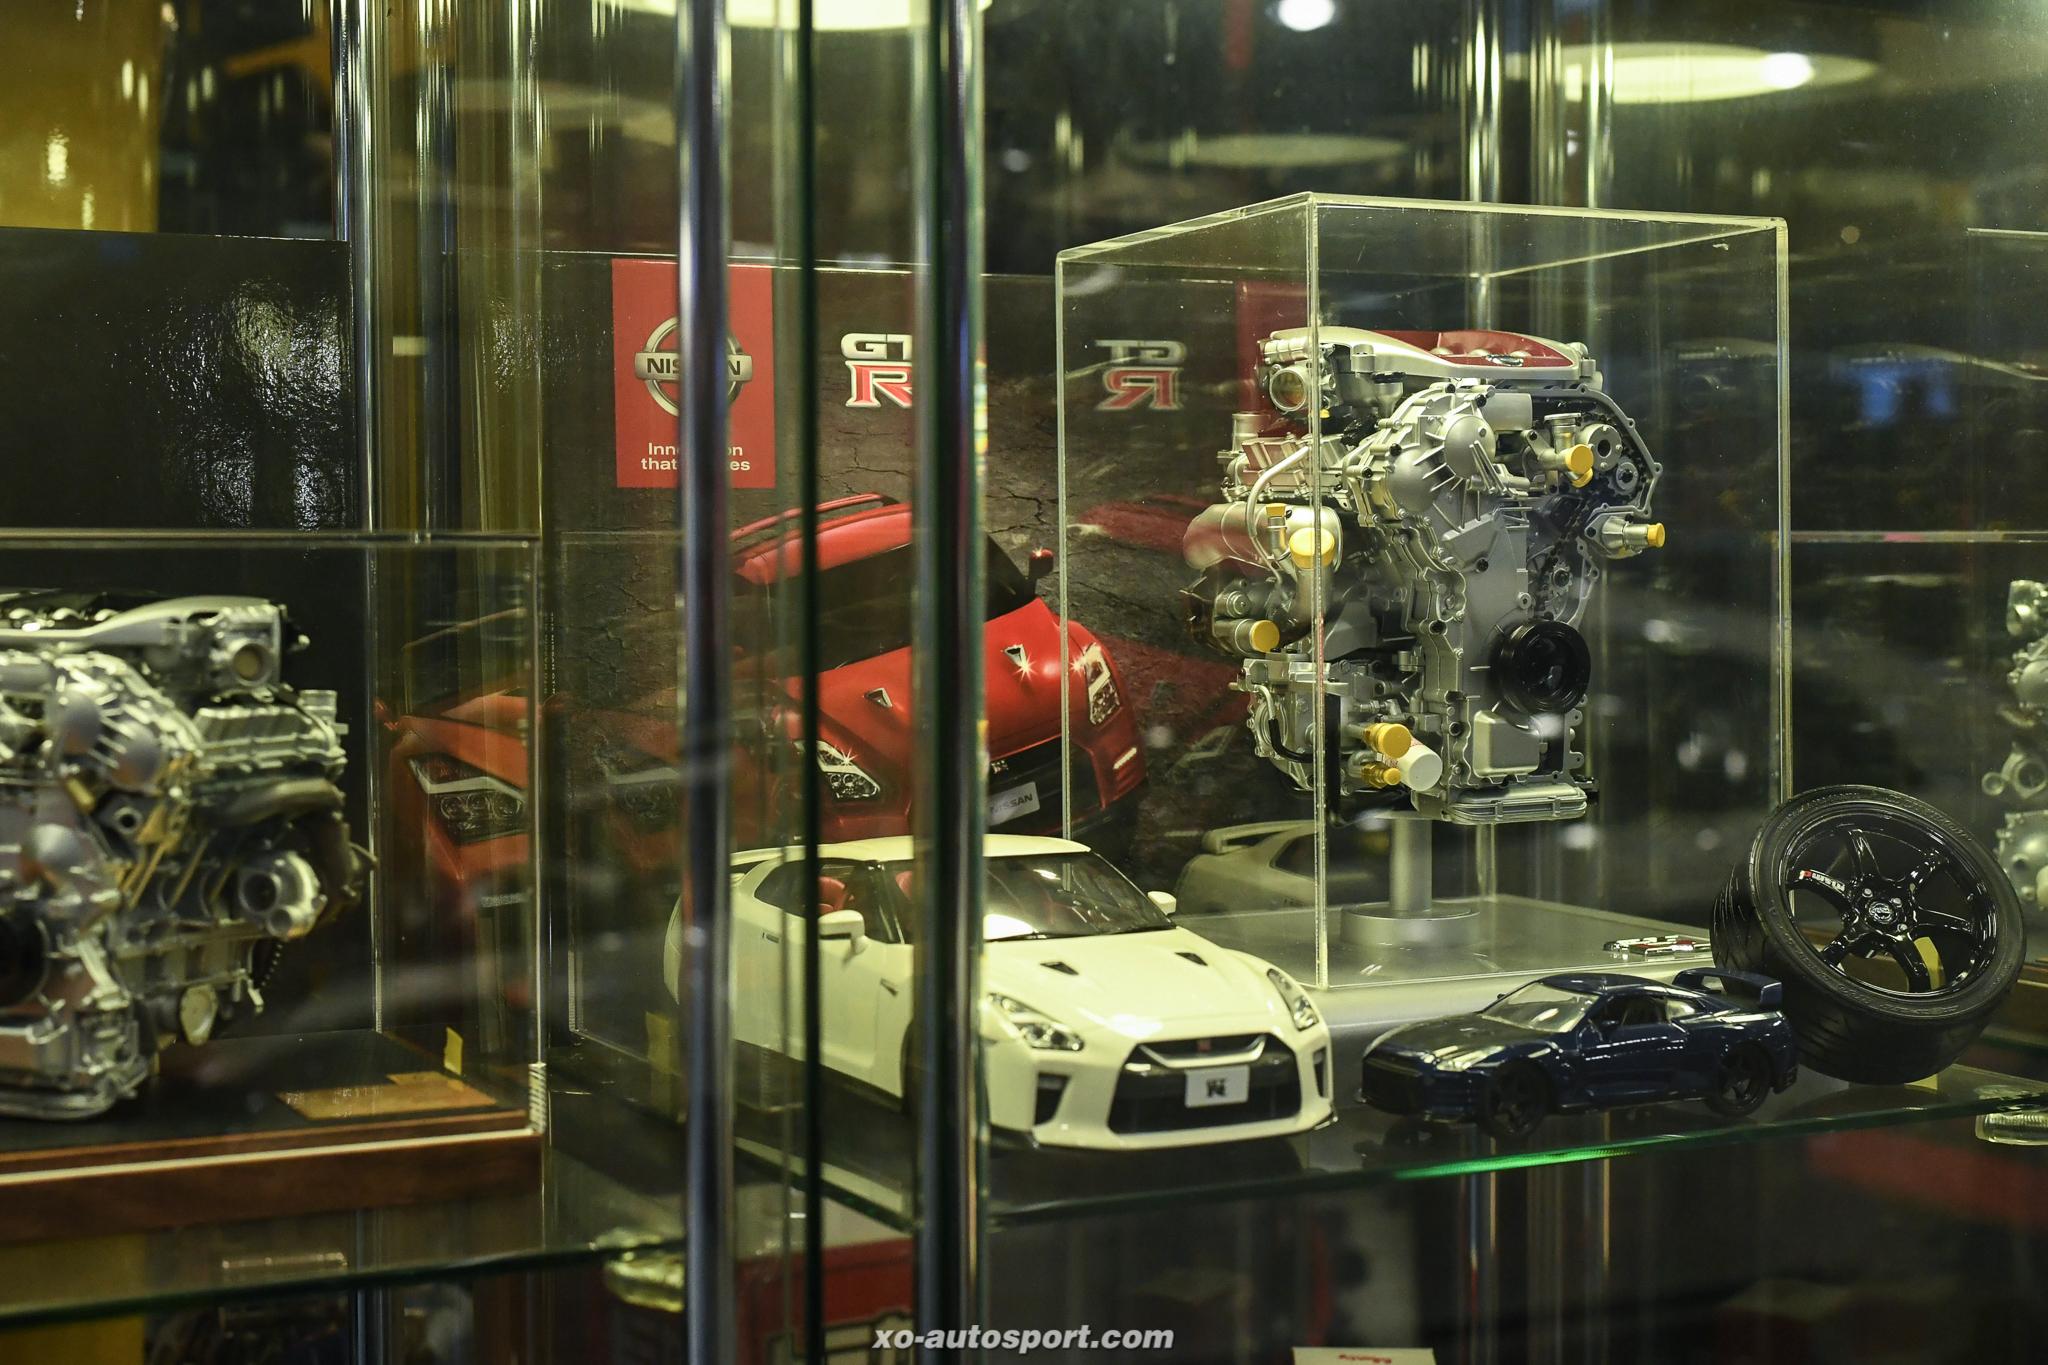 Heng Garage DSC_0703